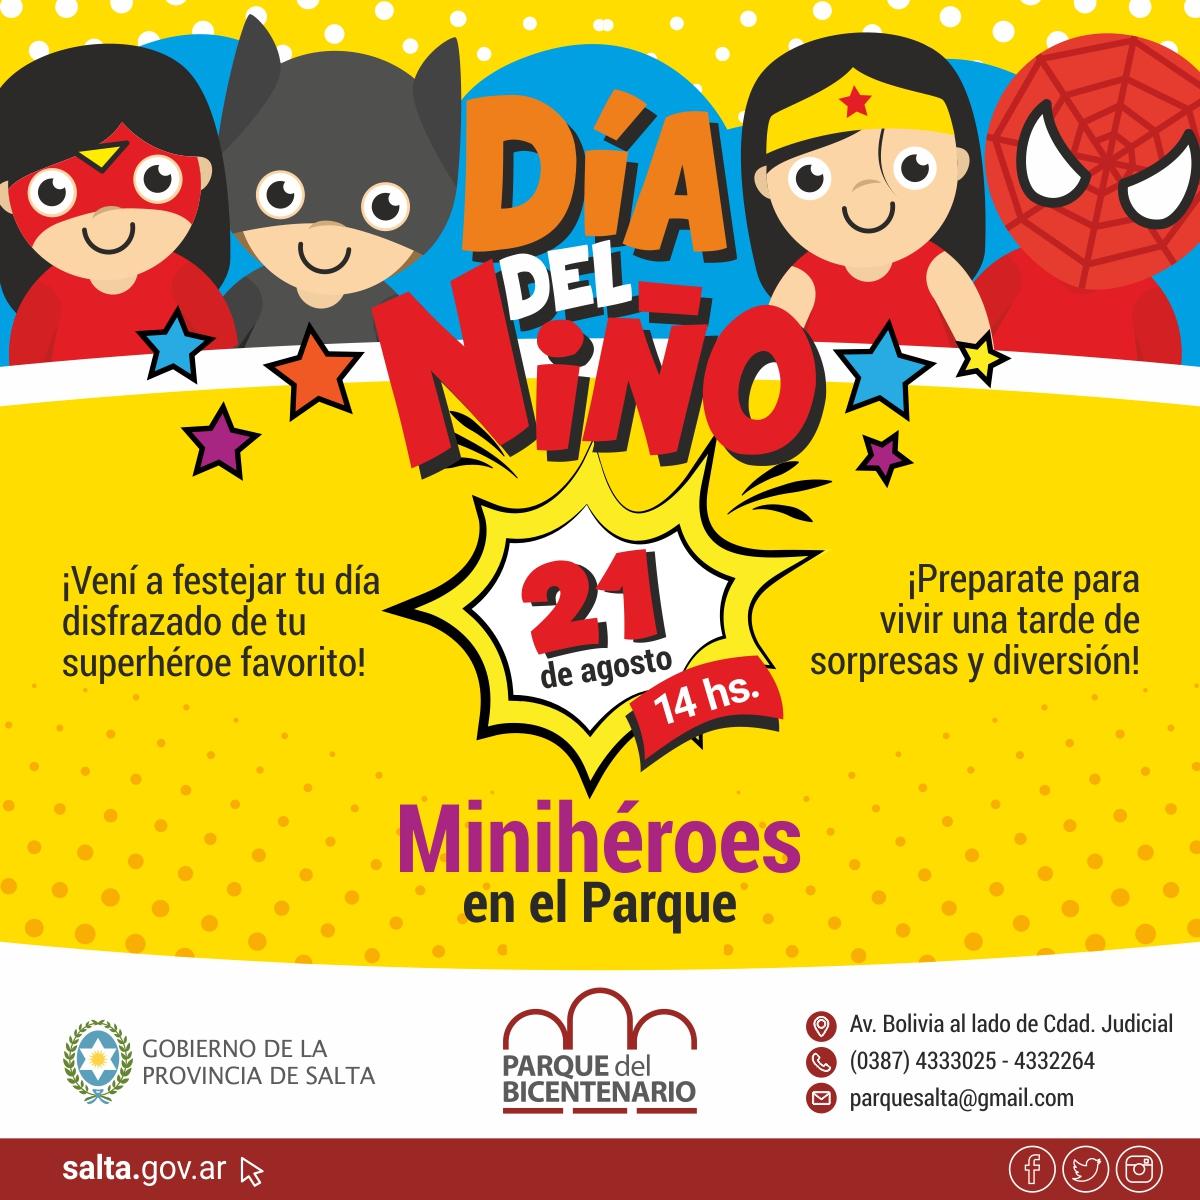 El Día del Niño se celebrará en el Parque del Bicentenario